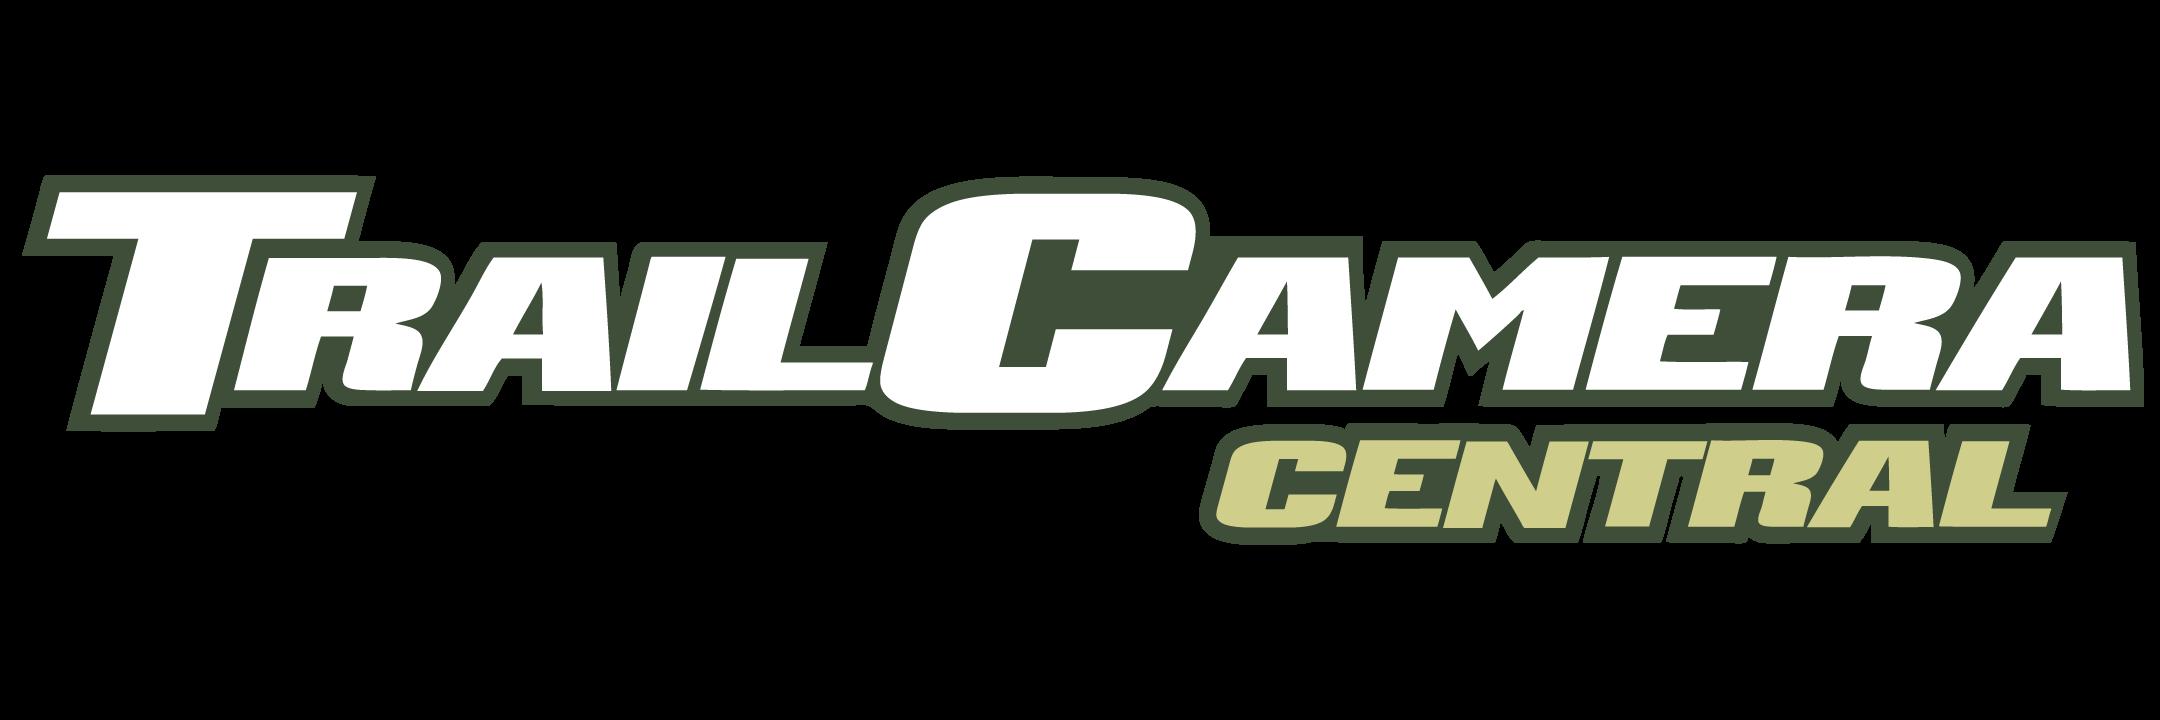 Trail Camera Central